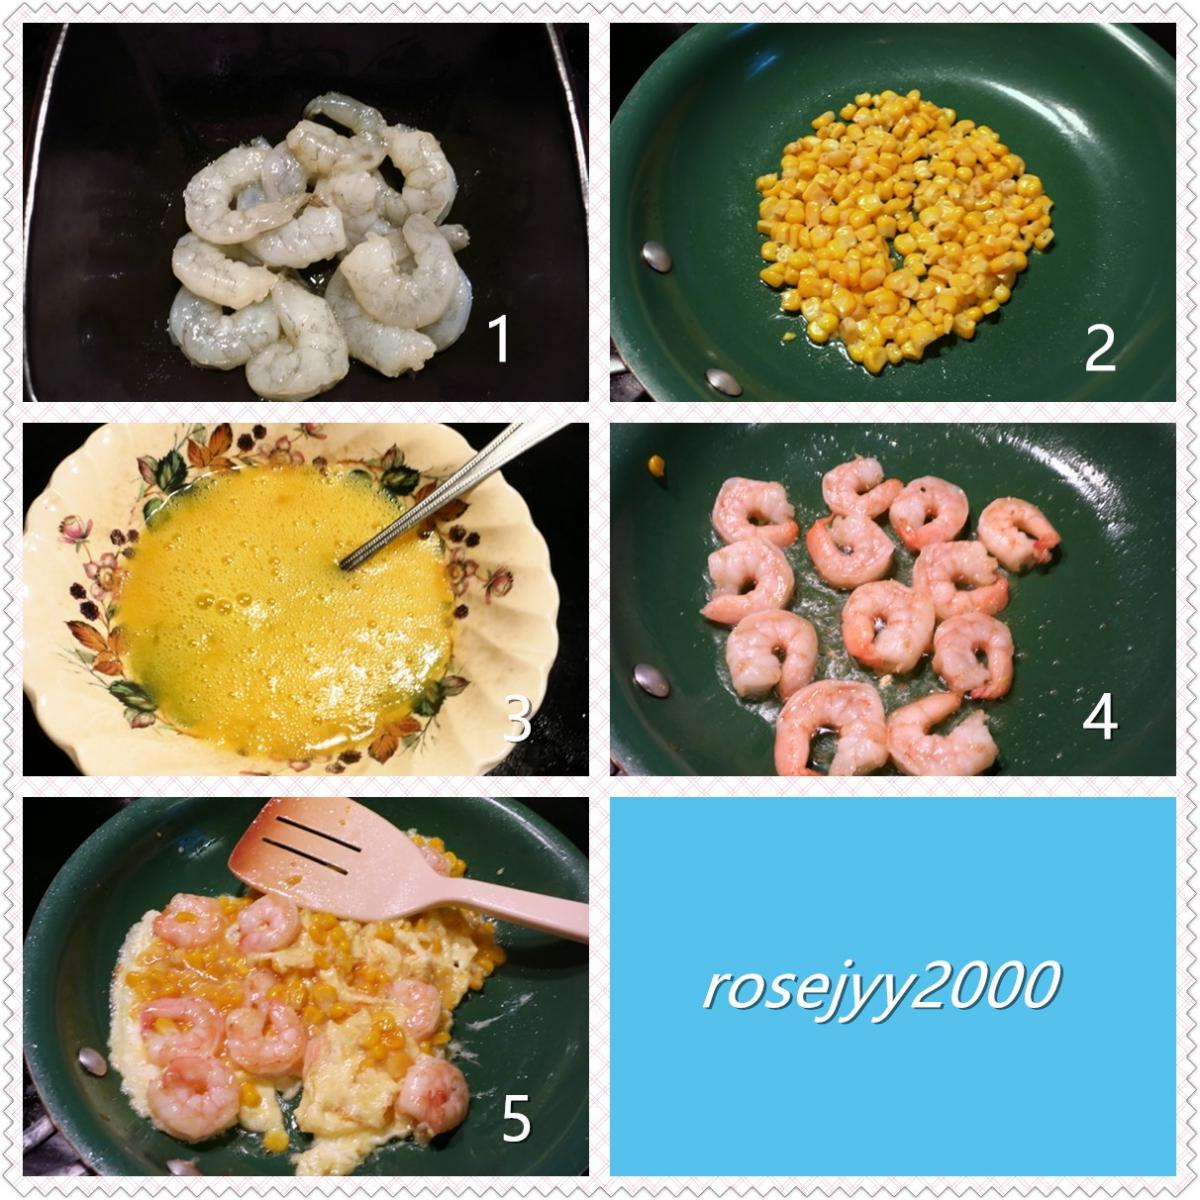 虾仁玉米炒蛋_图1-2